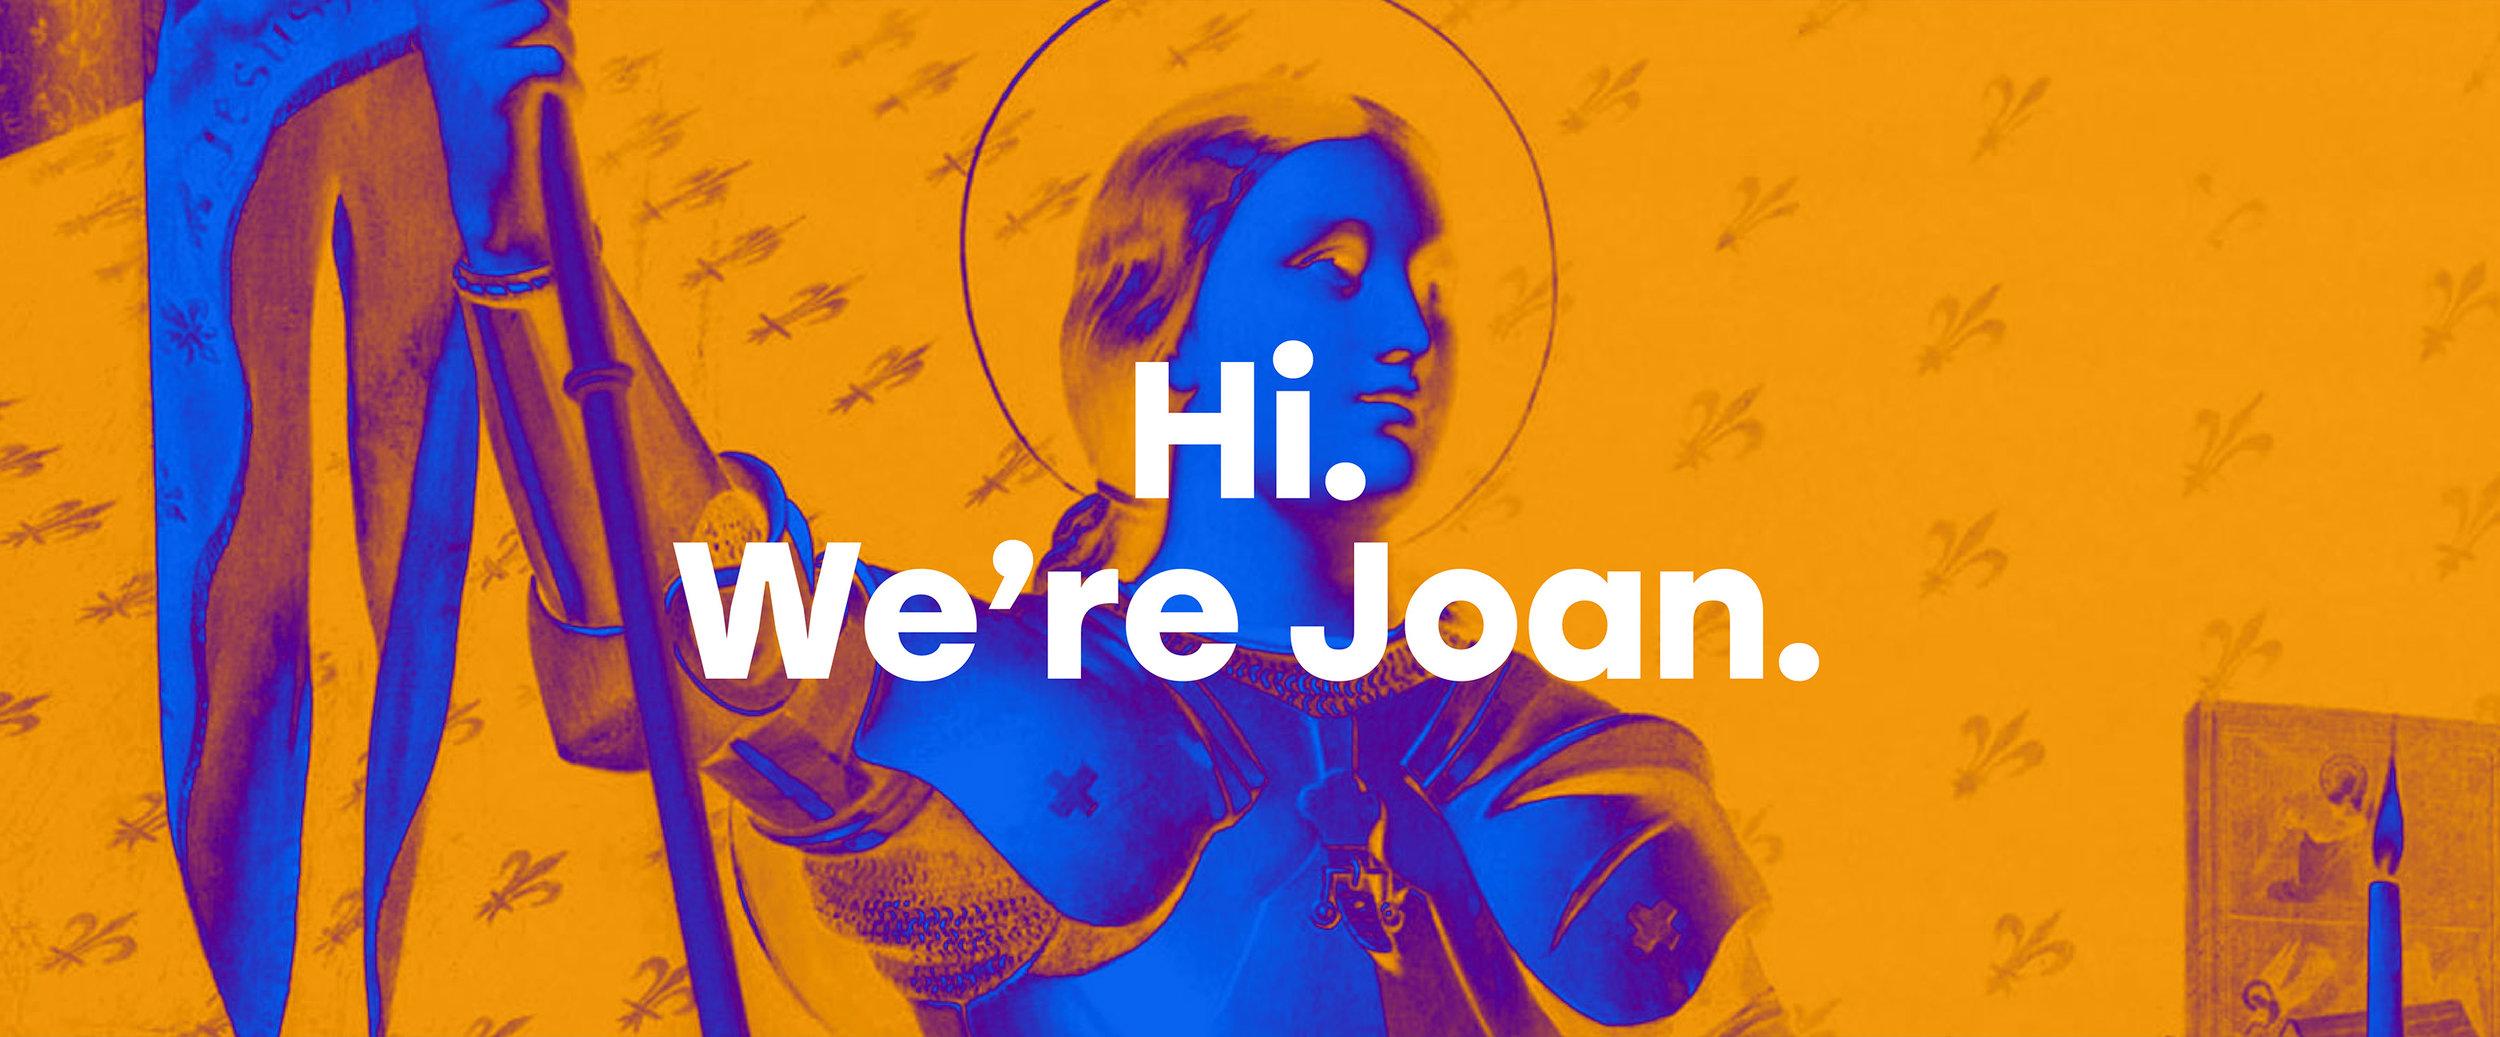 Hi_were_joan.jpg